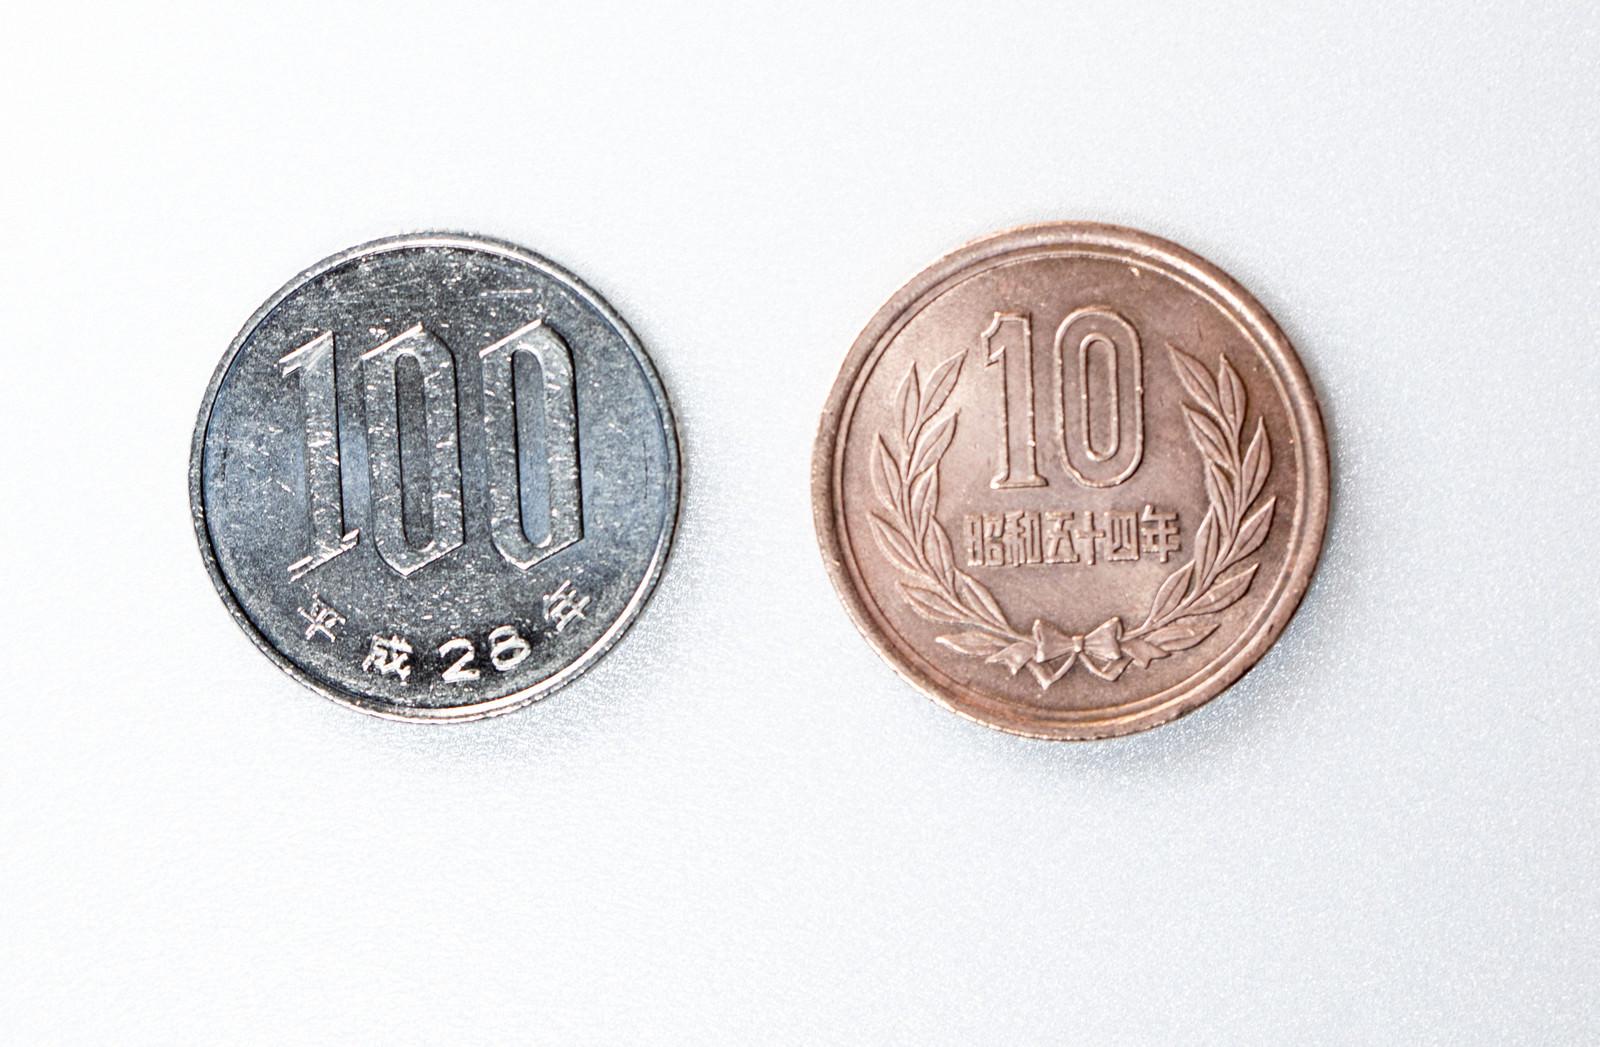 「100円玉と10円玉(消費税)」の写真